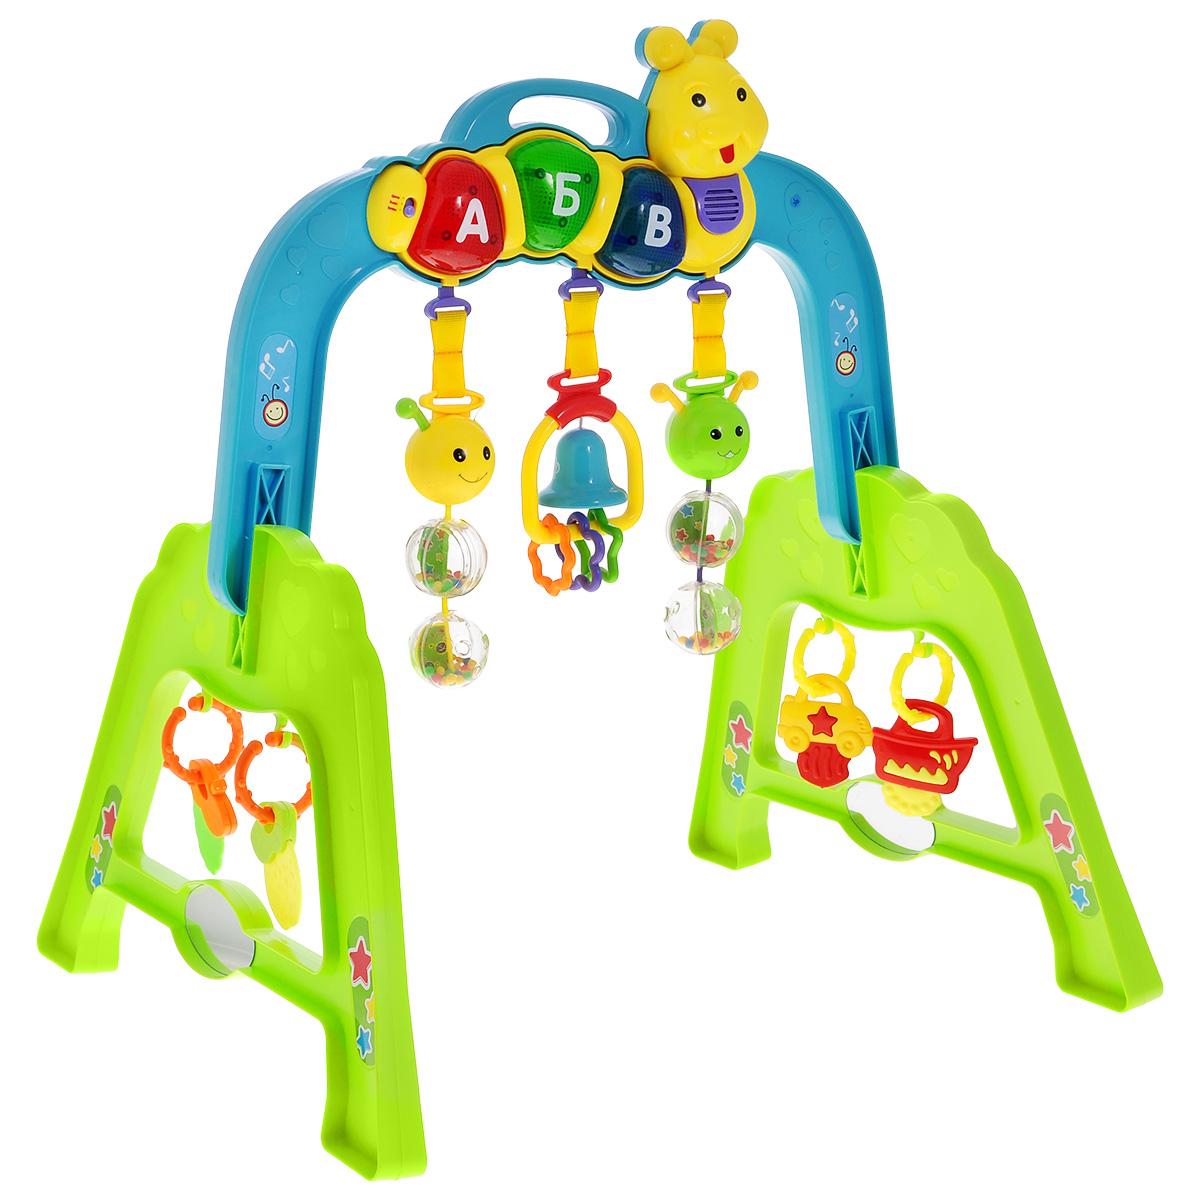 Развивающий центр Малышарики Добрая гусеница набор игрушек погремушек малышарики 10 шт